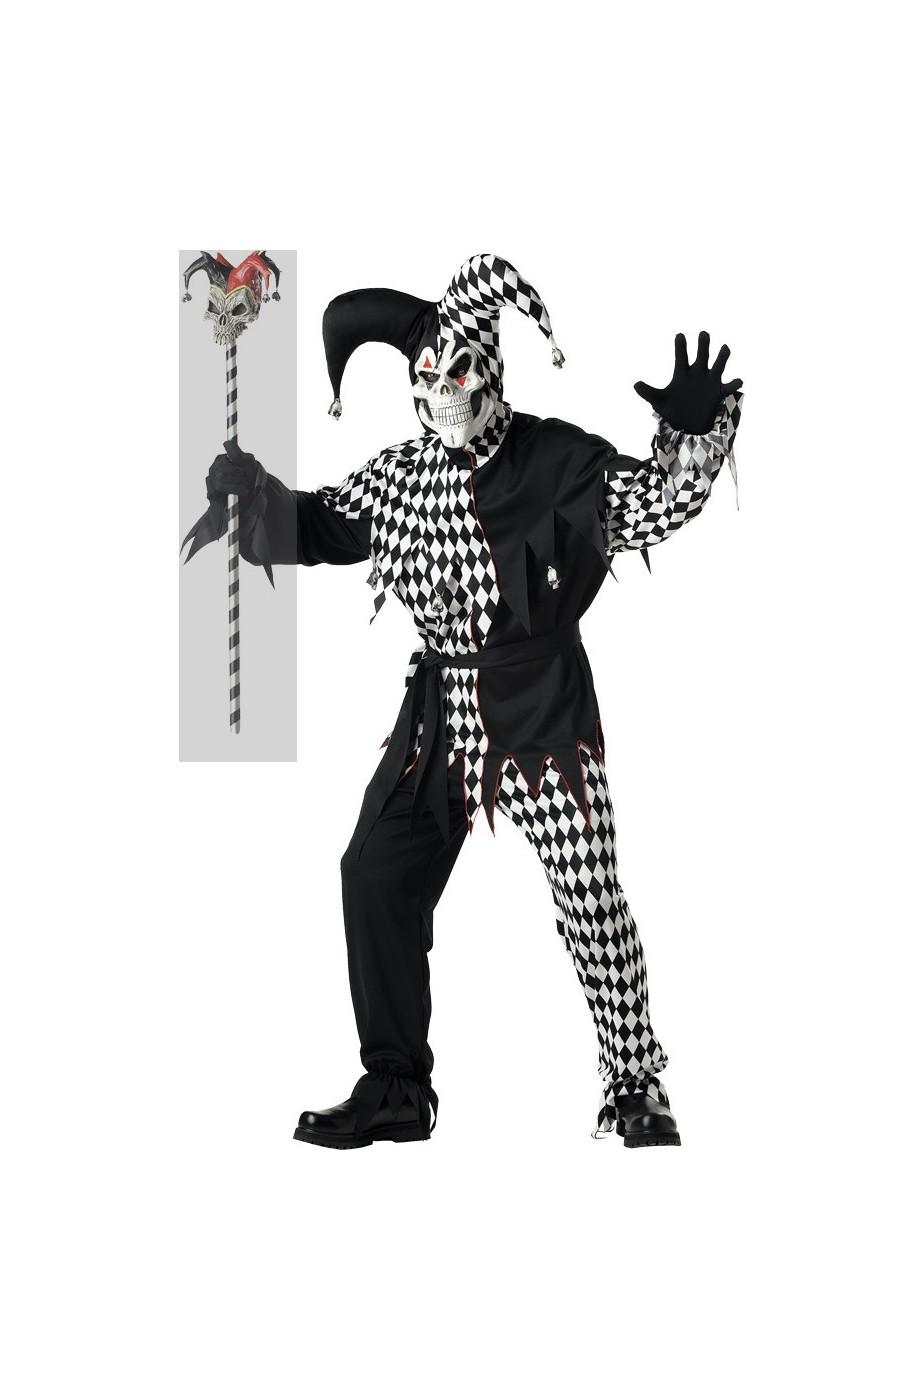 a basso costo sconto nuova alta qualità costumi di carnevale da il clown in versione assassino o carta da gioco